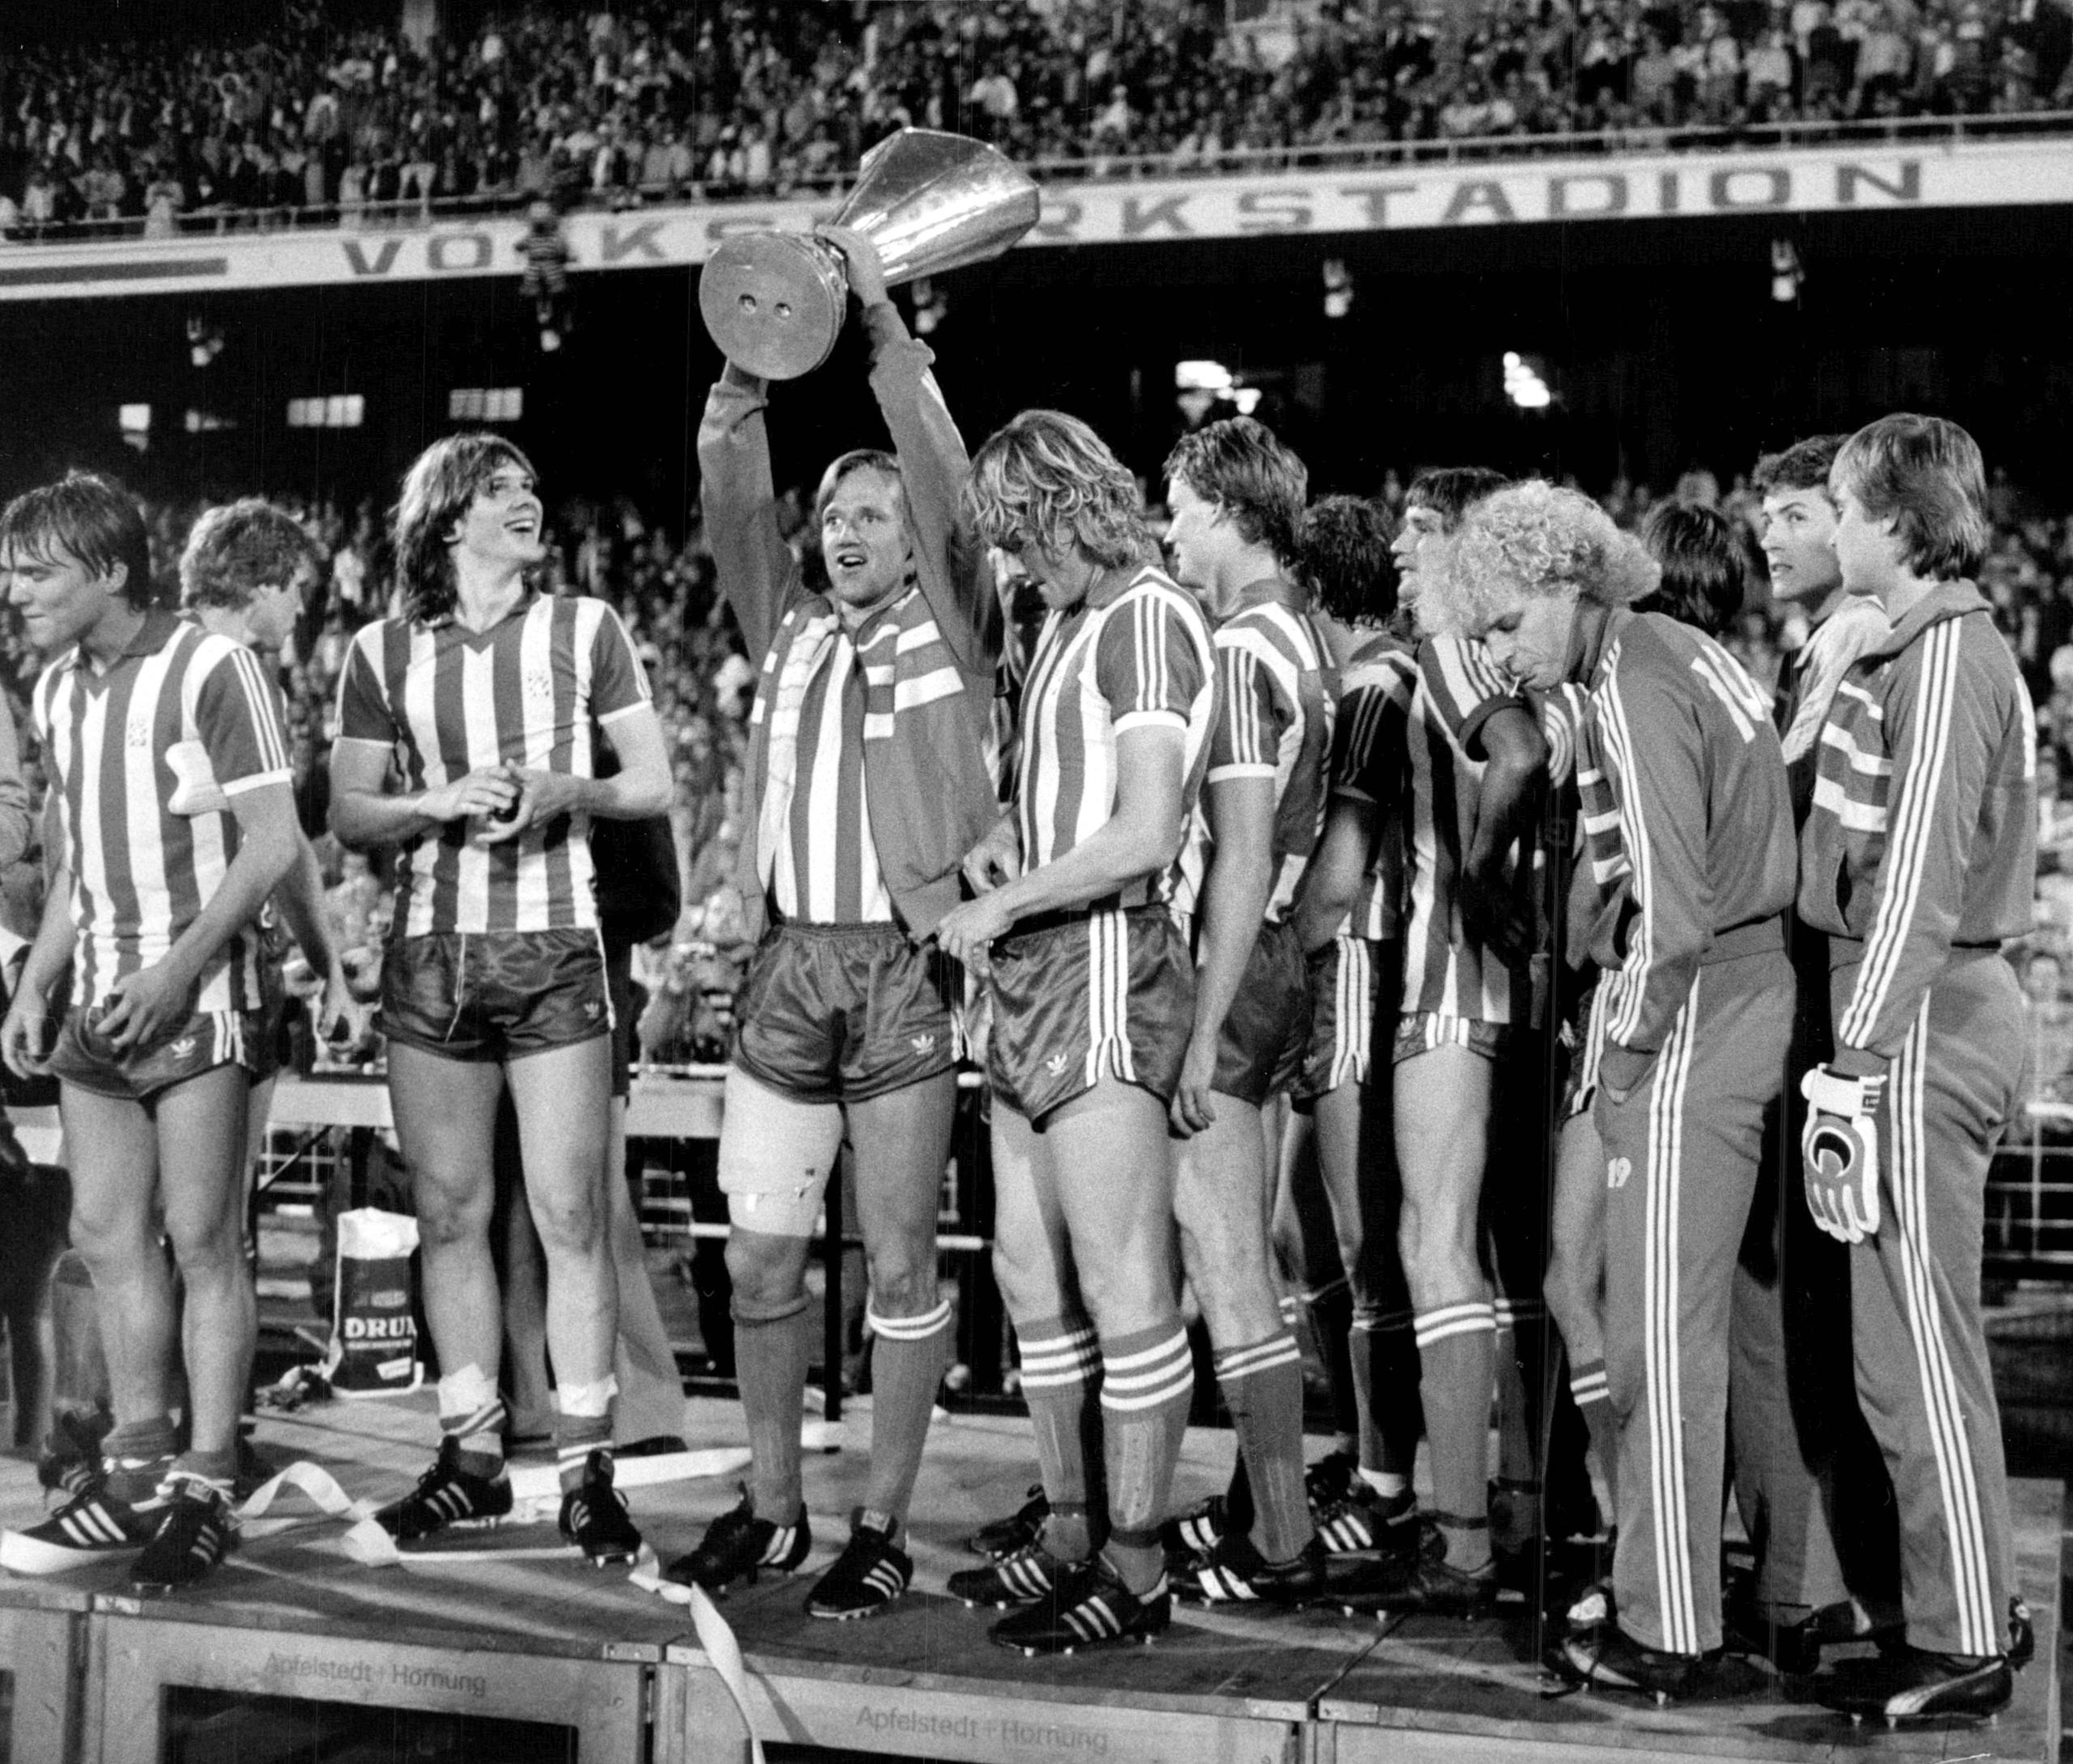 När blev fotboll schejkernas kamp?